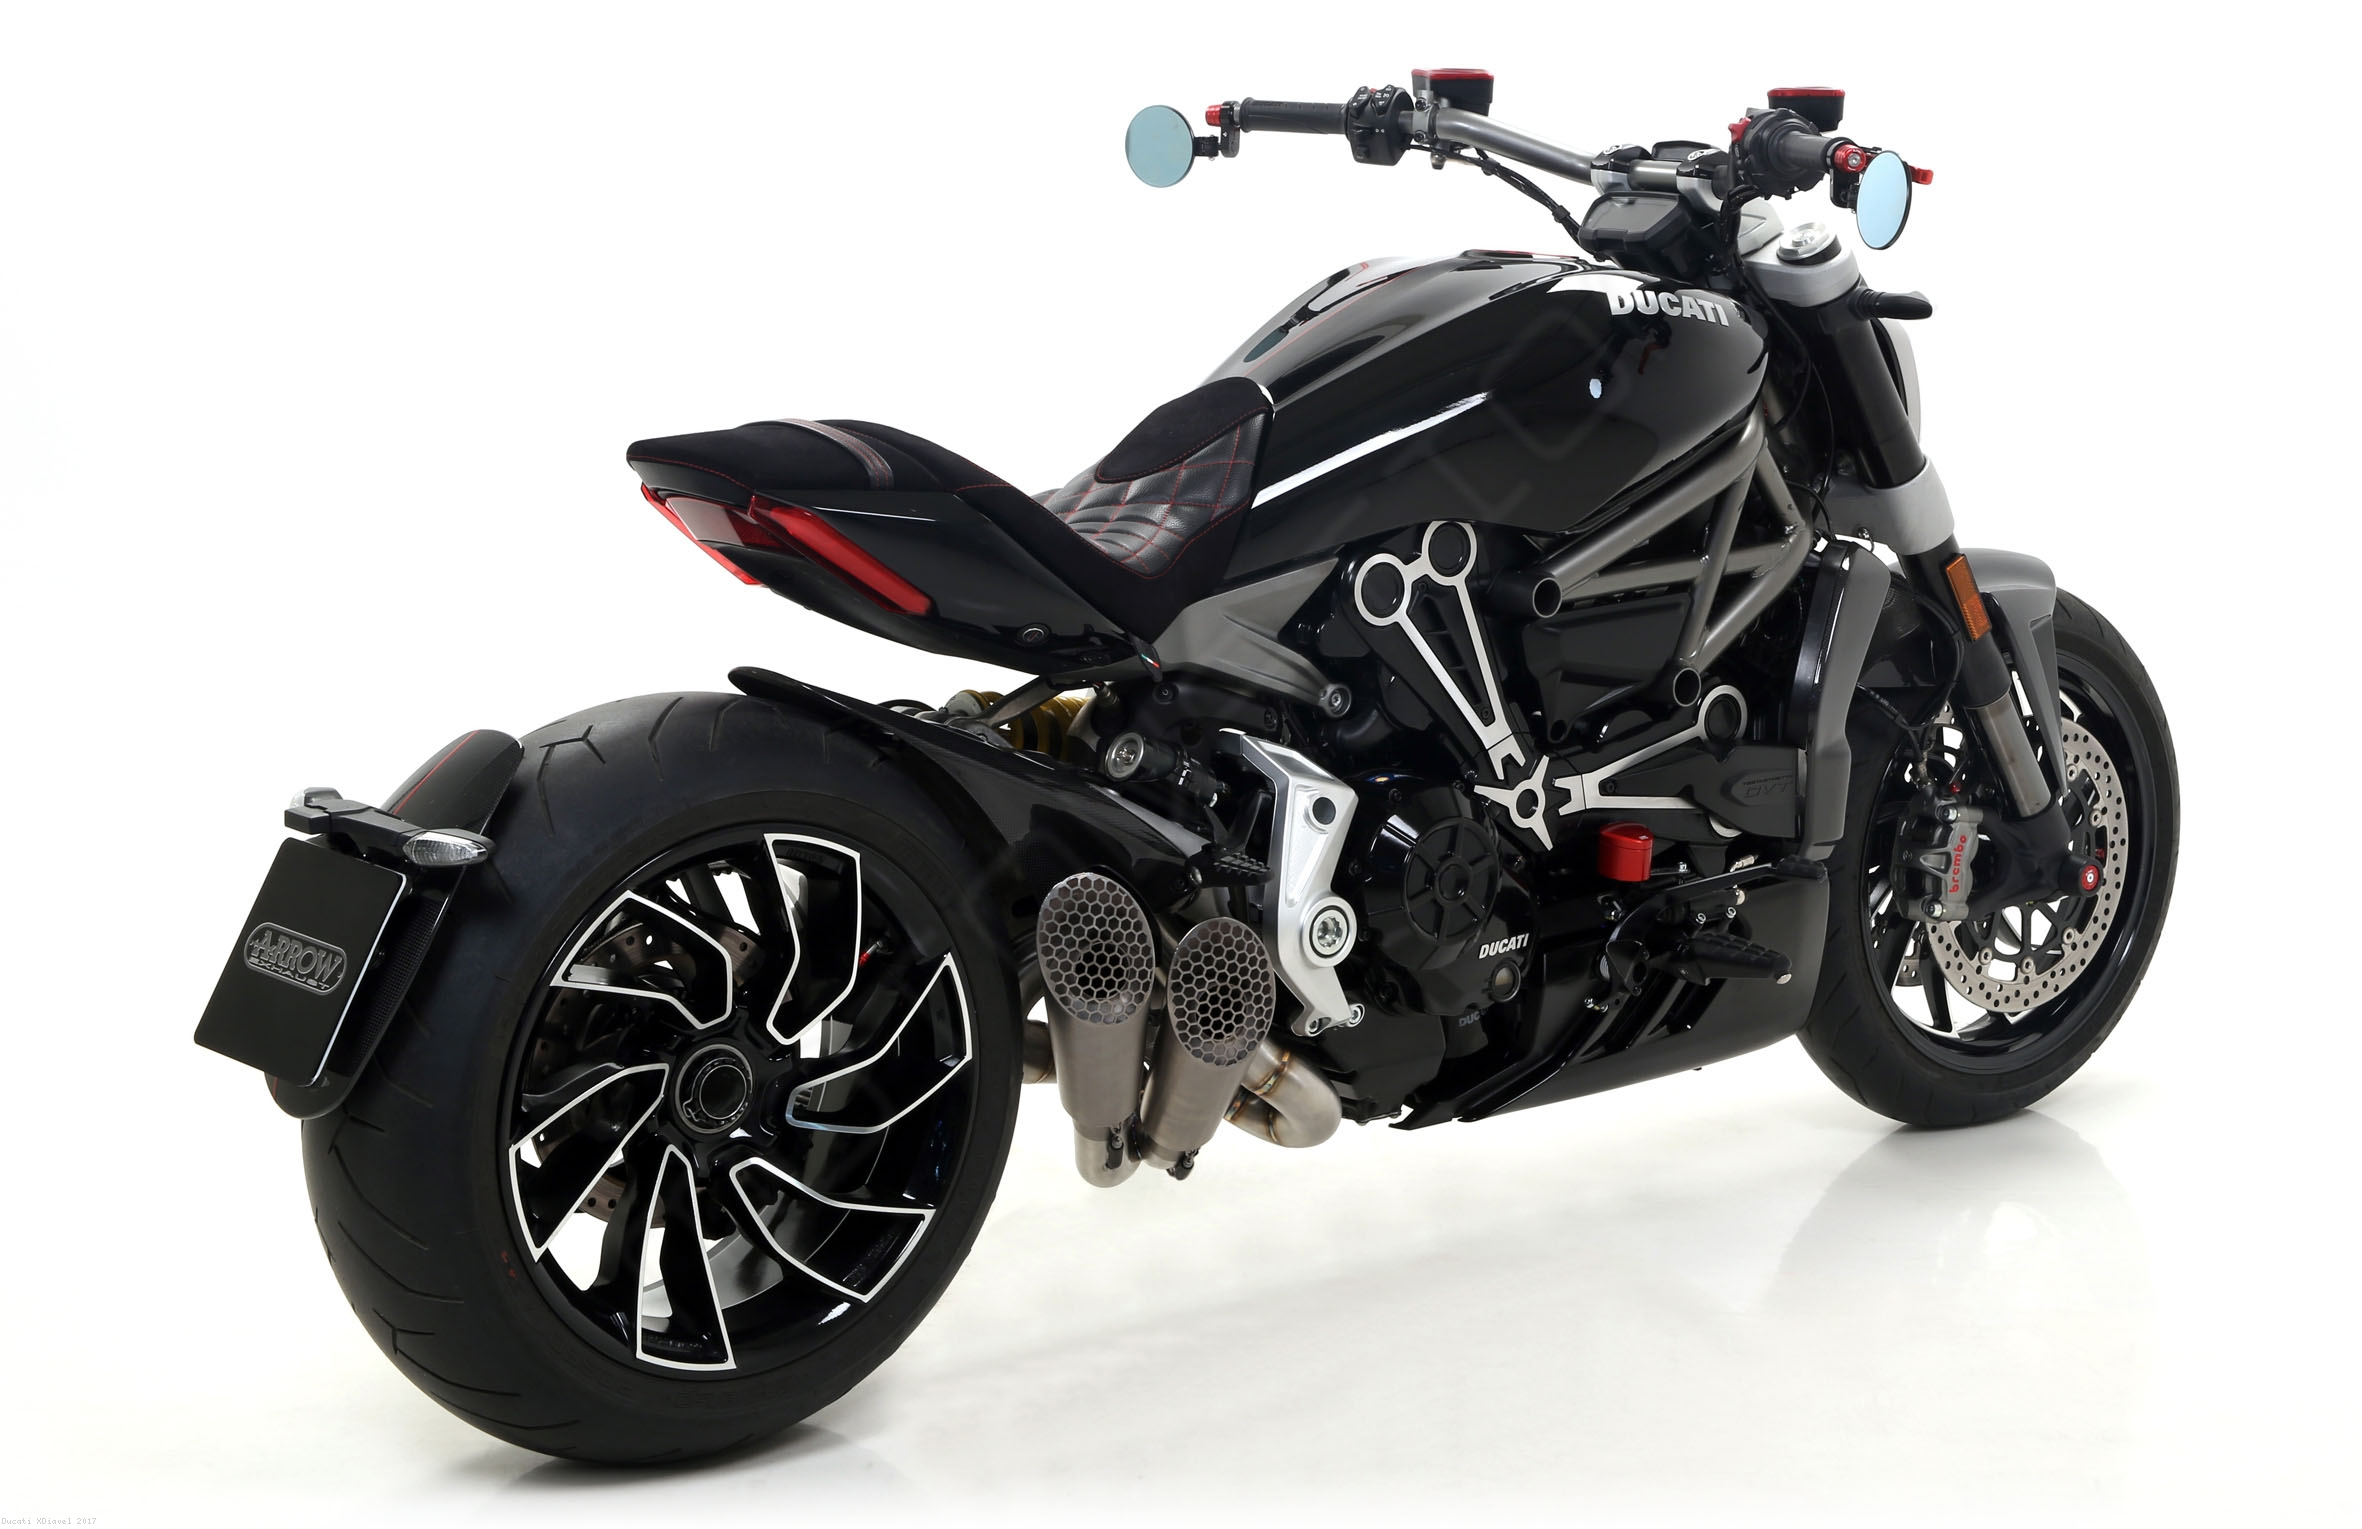 Ducati Xdiavel Price Usa